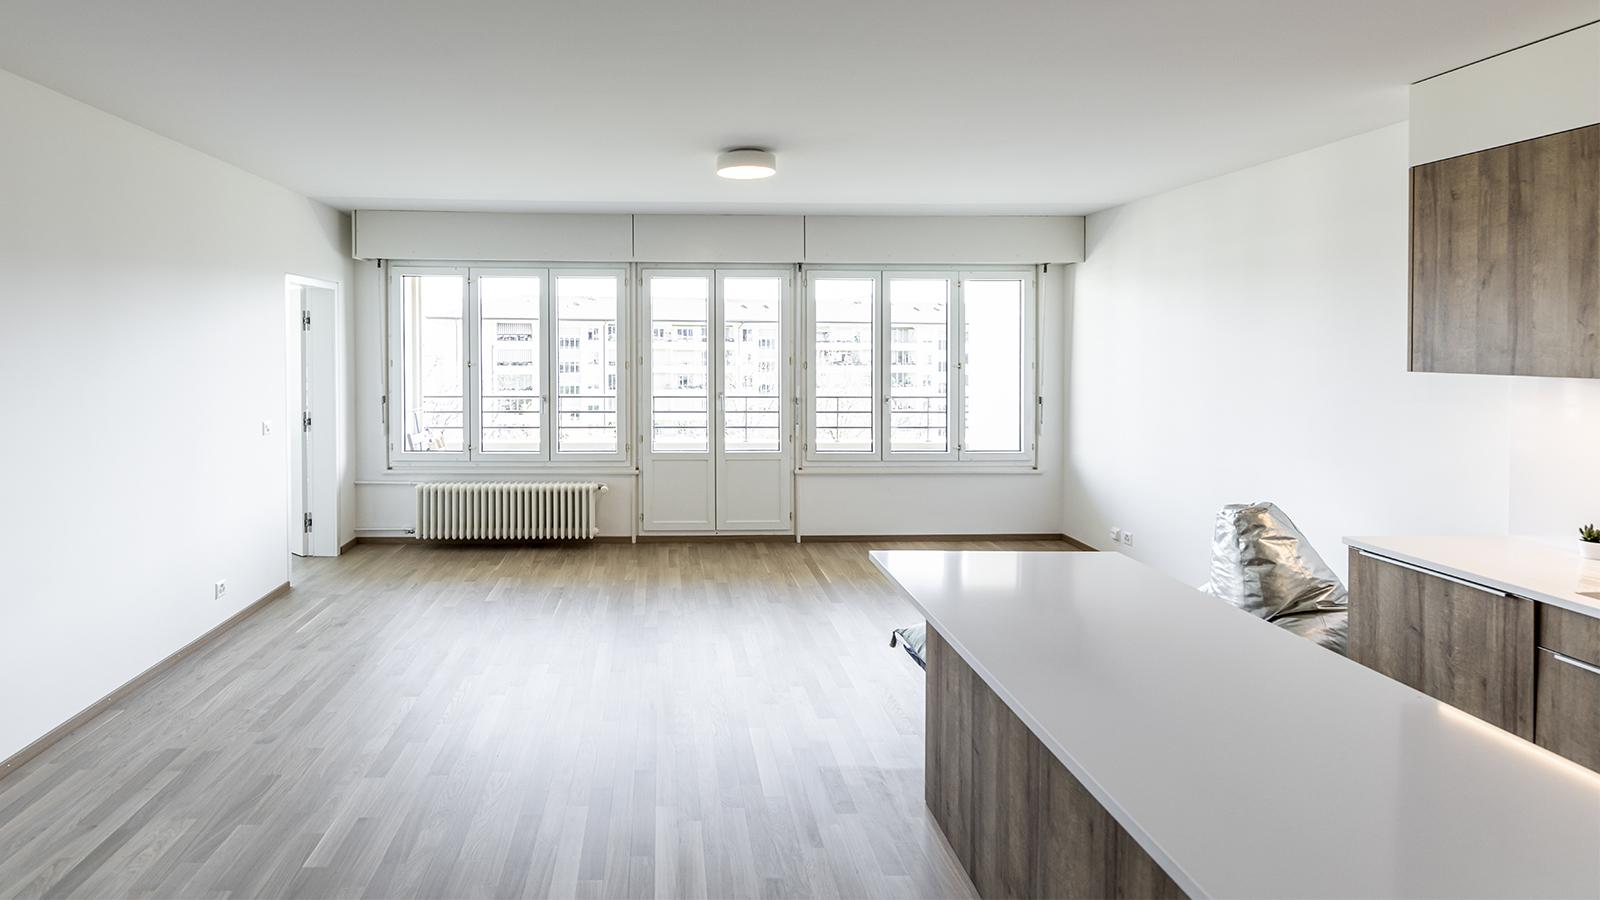 CSDK Architectes Appartement Re%CC%81novation Gene%CC%80ve 3 - Transformation d'appartements - Genève - CSDK Architectes Appartement Re%CC%81novation Gene%CC%80ve 3